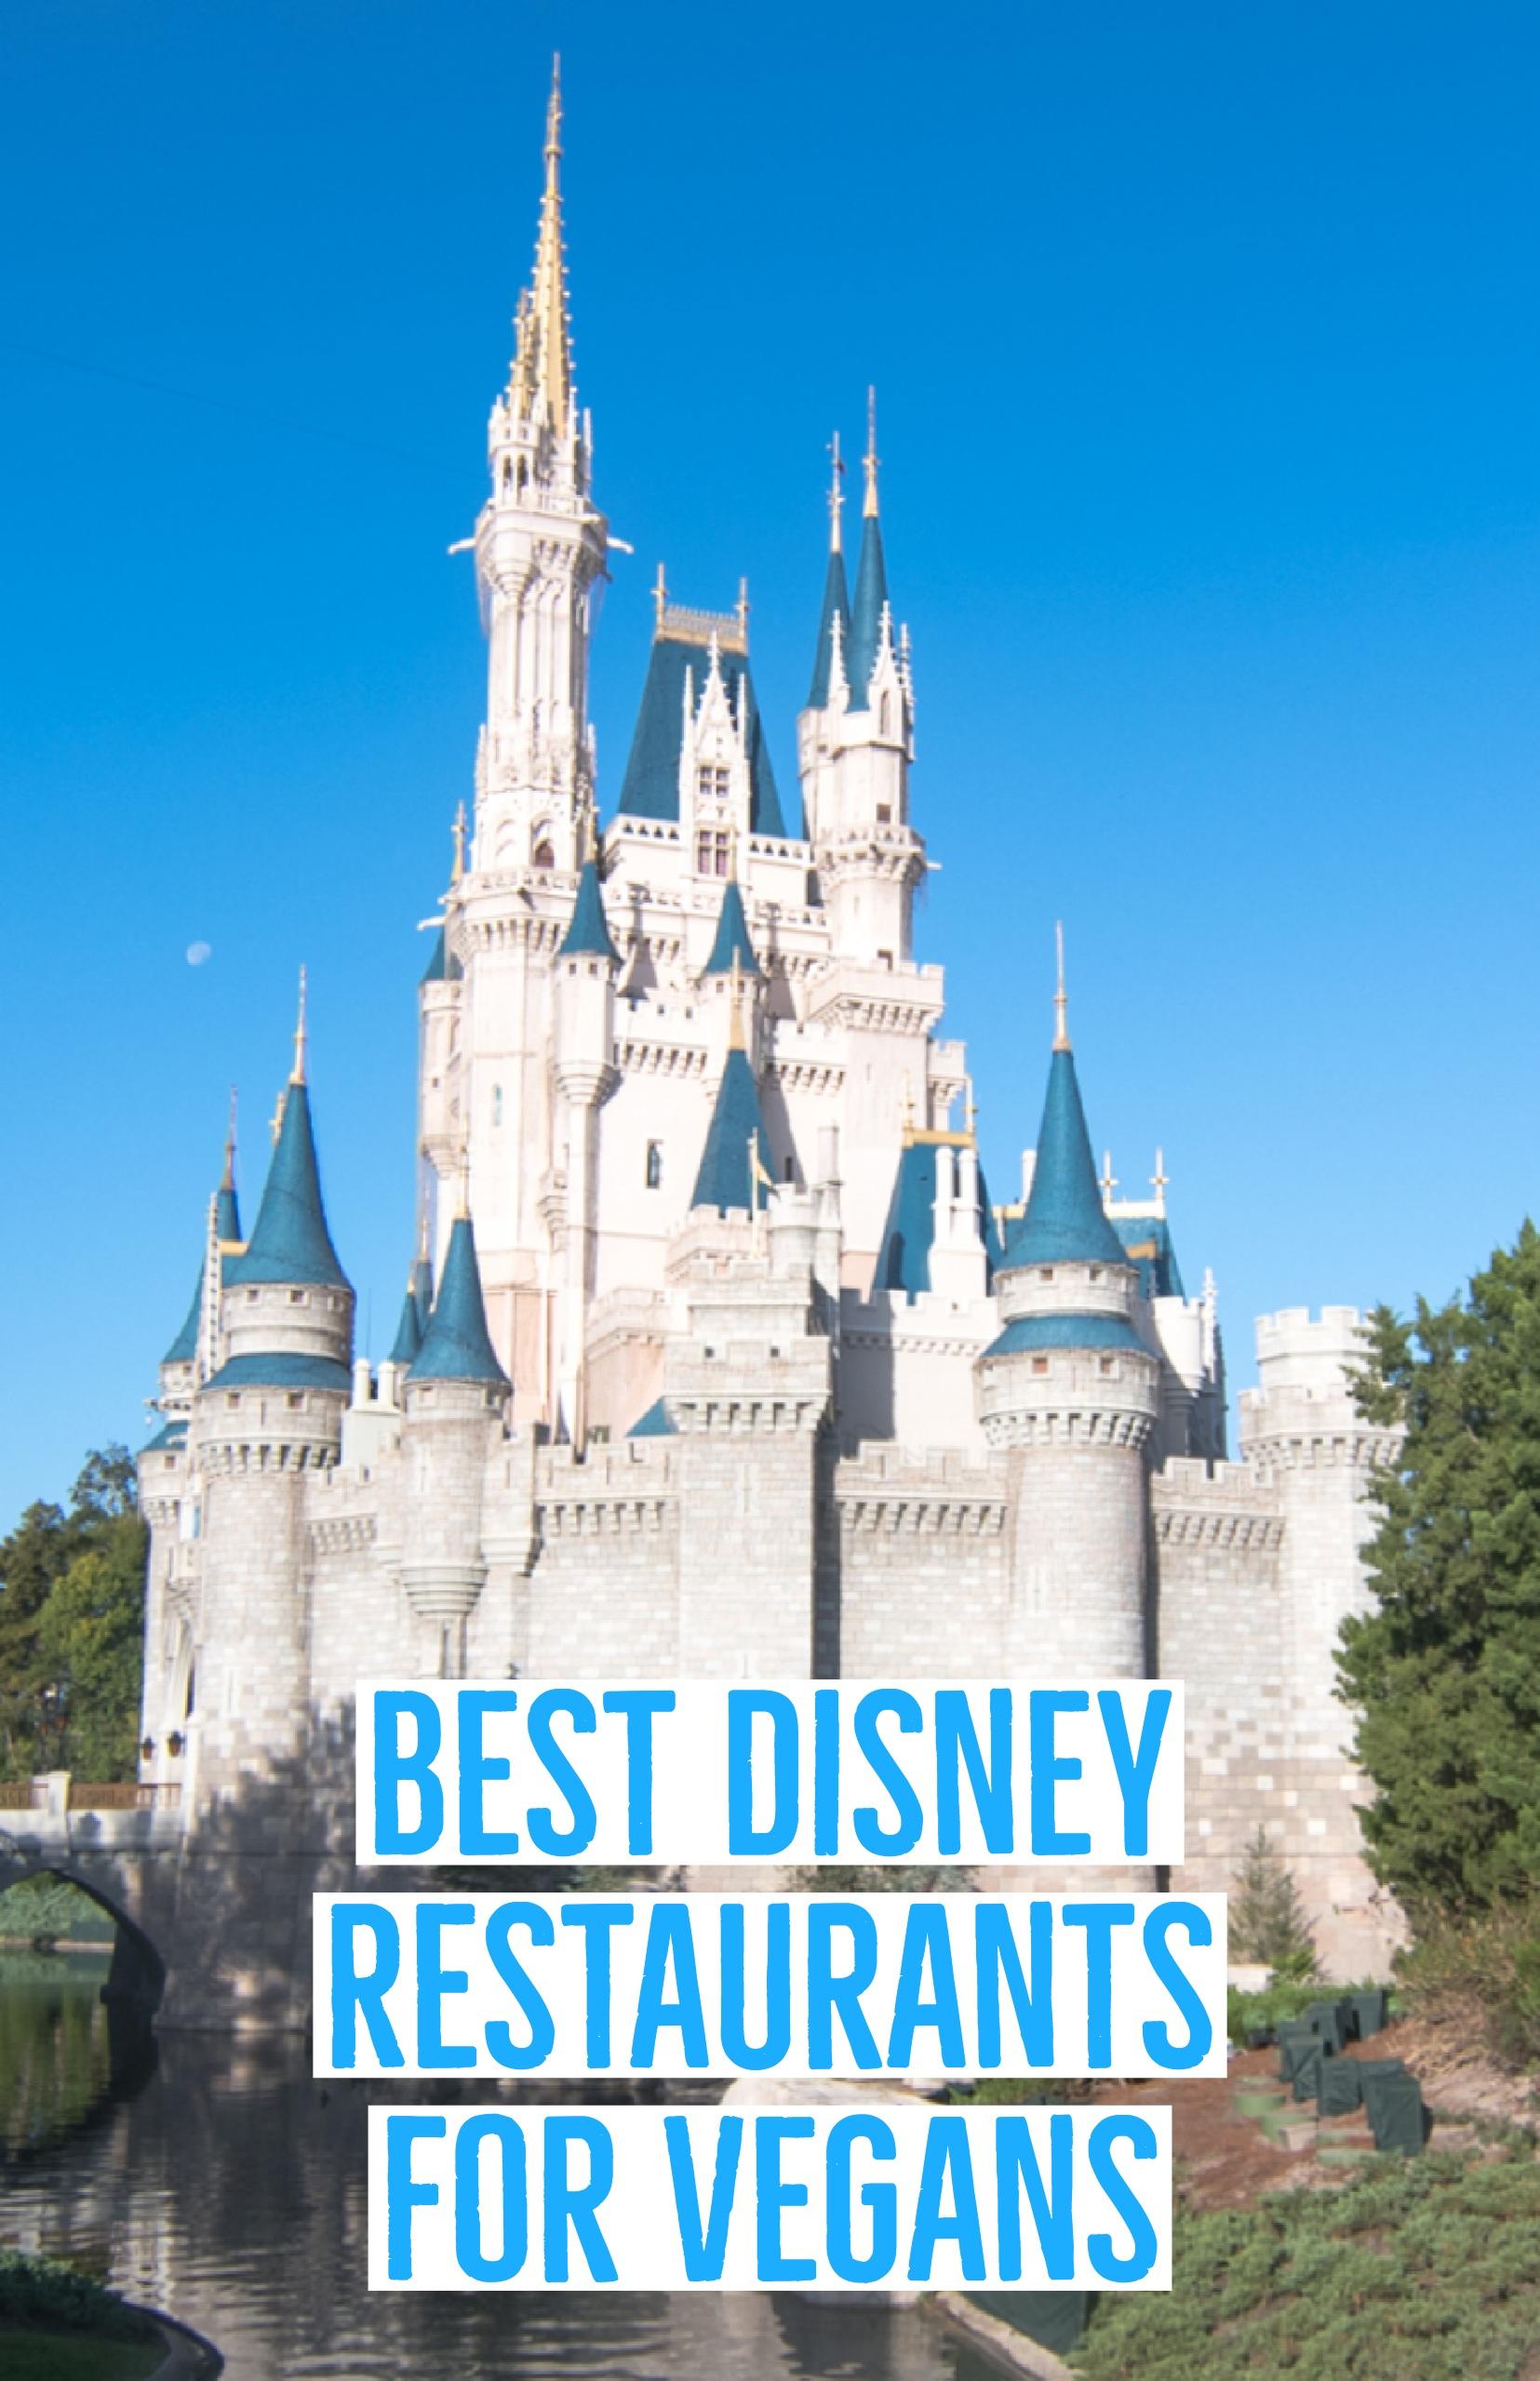 A guide to the Best Disney Restaurants for Vegans. #disneyworld #vegan